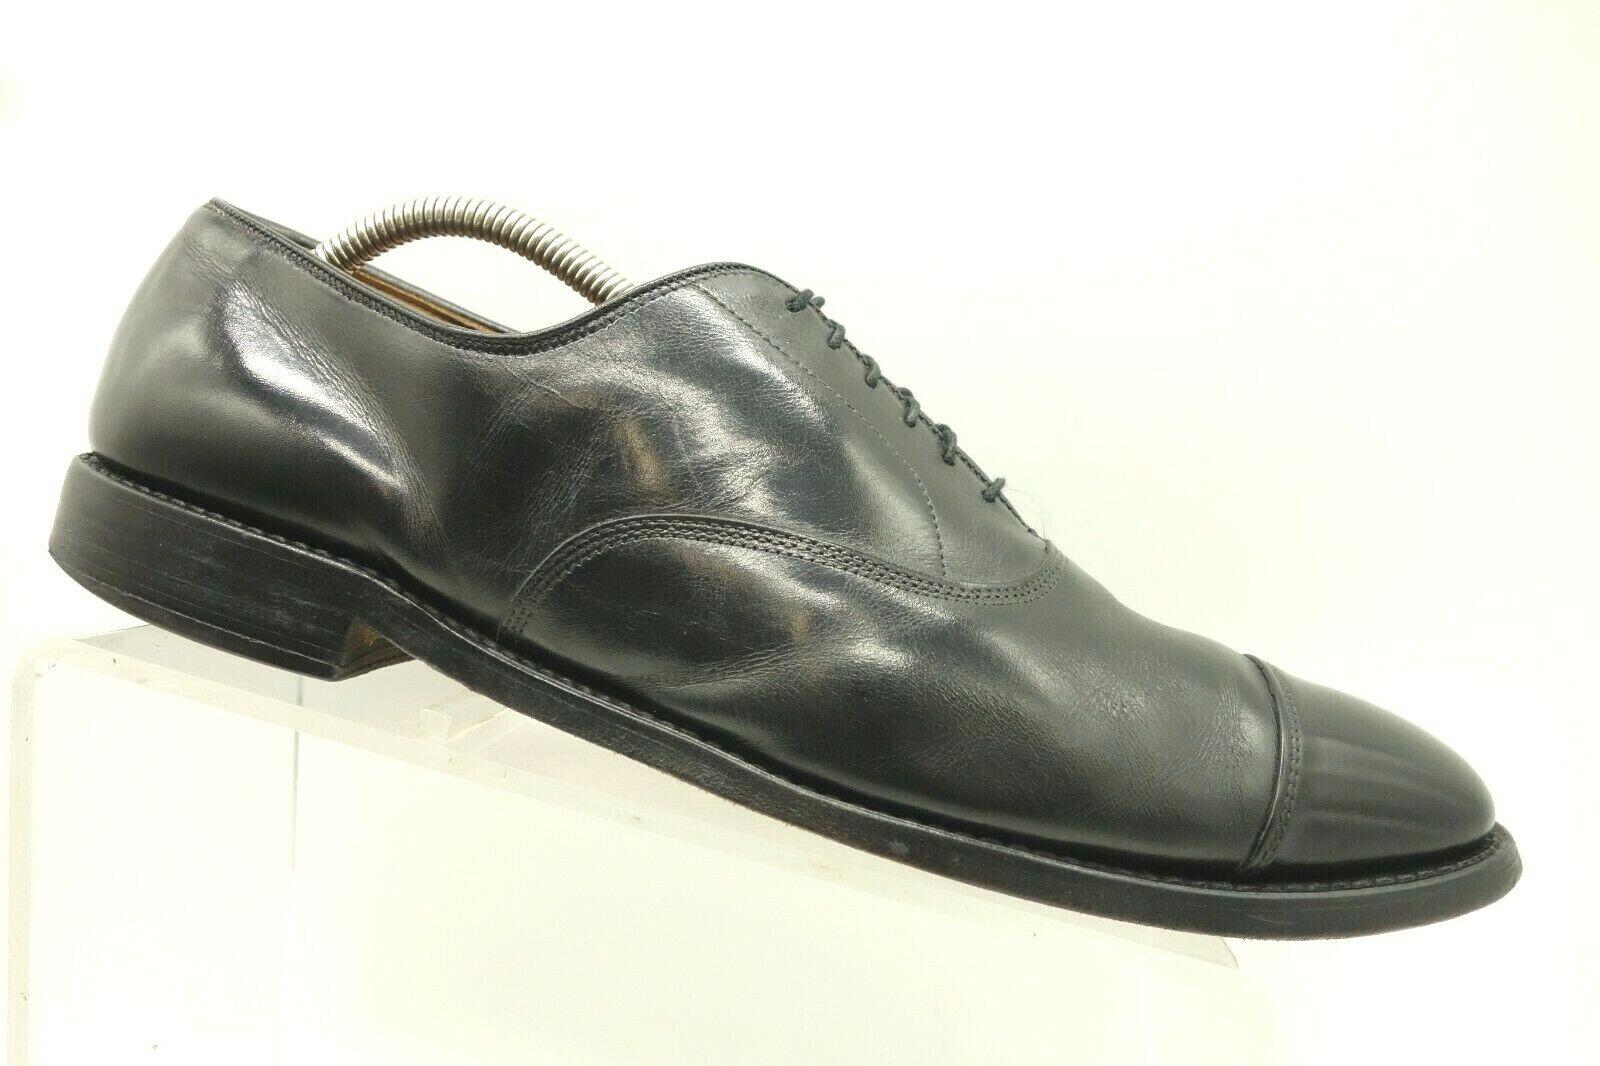 Allen Edmonds Park Avenue Black Cap Toe Lace Up Oxfords shoes Men's 11.5 A